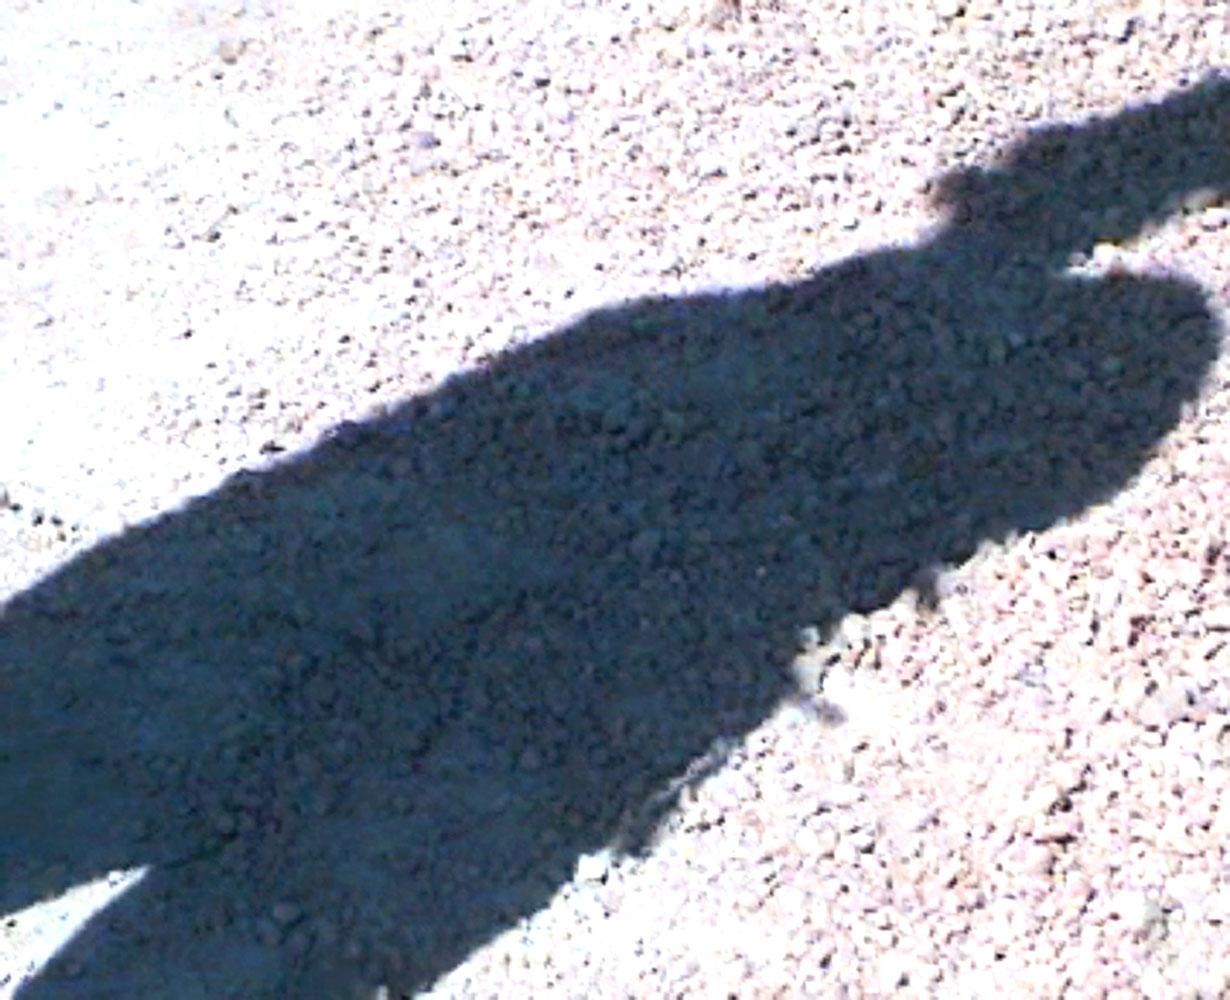 Shadow 5, 2013, digital print, 83 x 62 cm